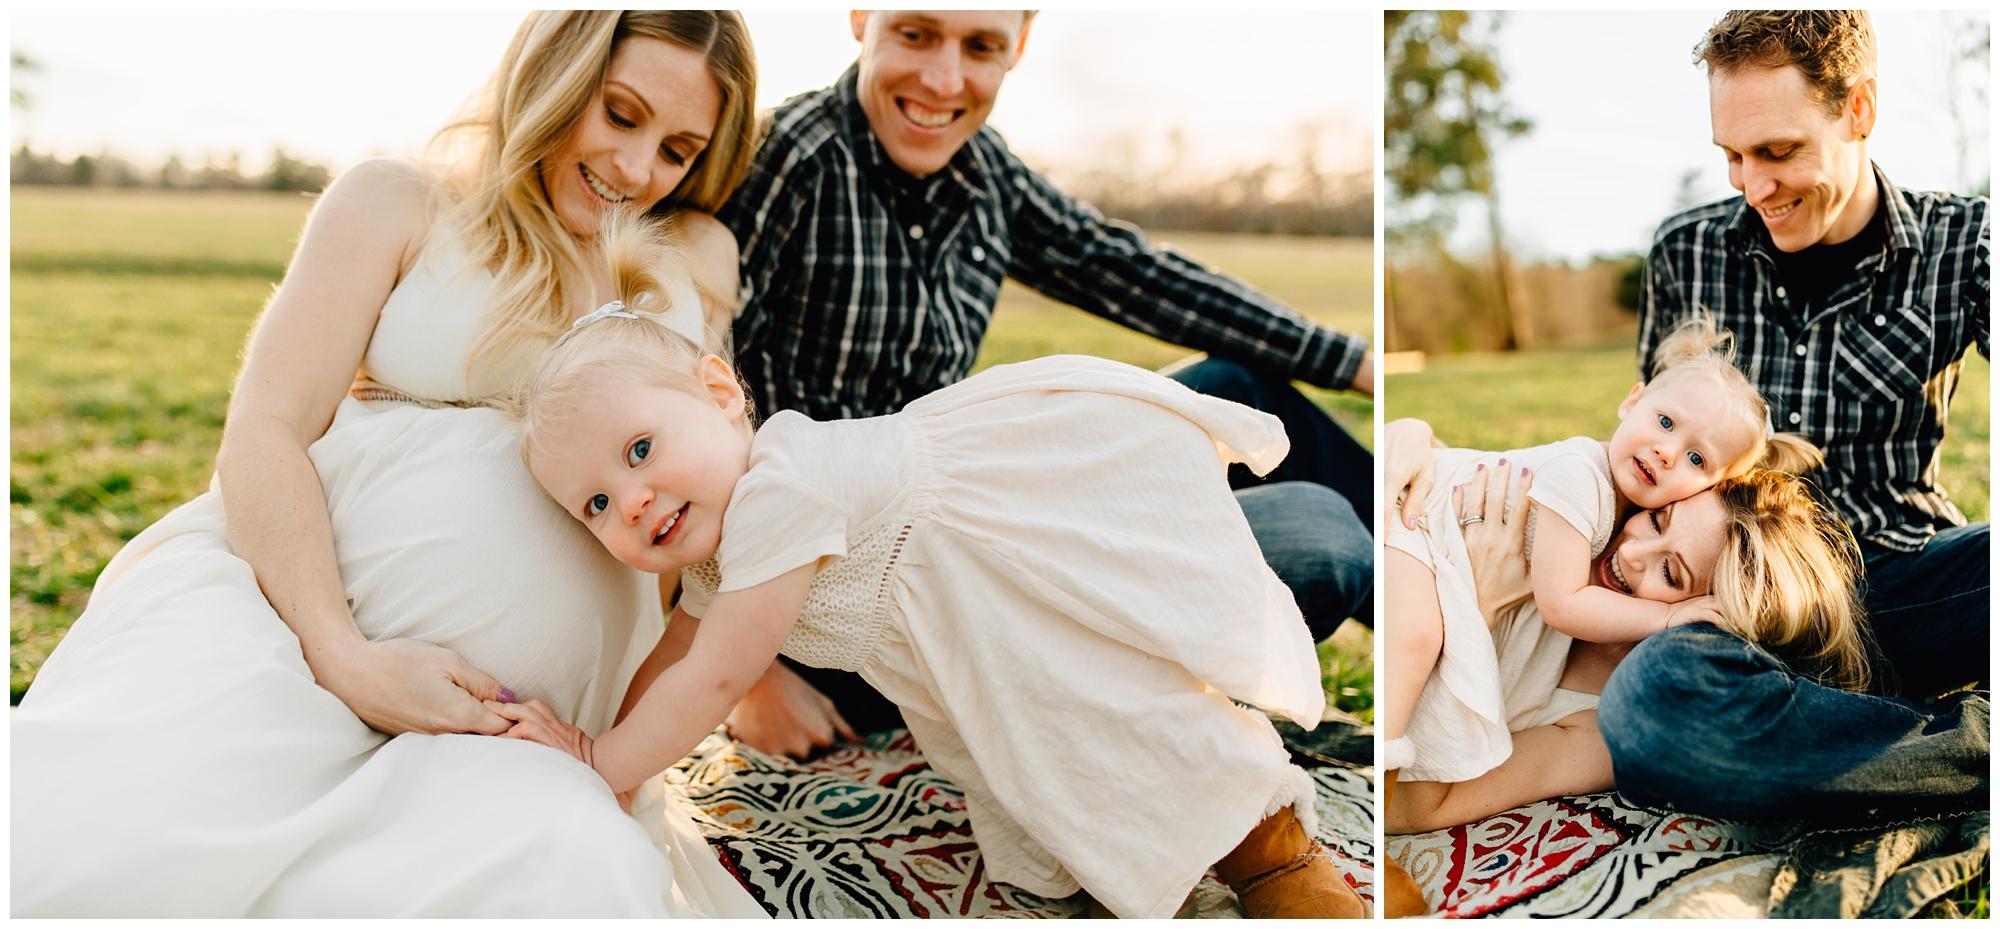 family-maternity-session-2.jpg